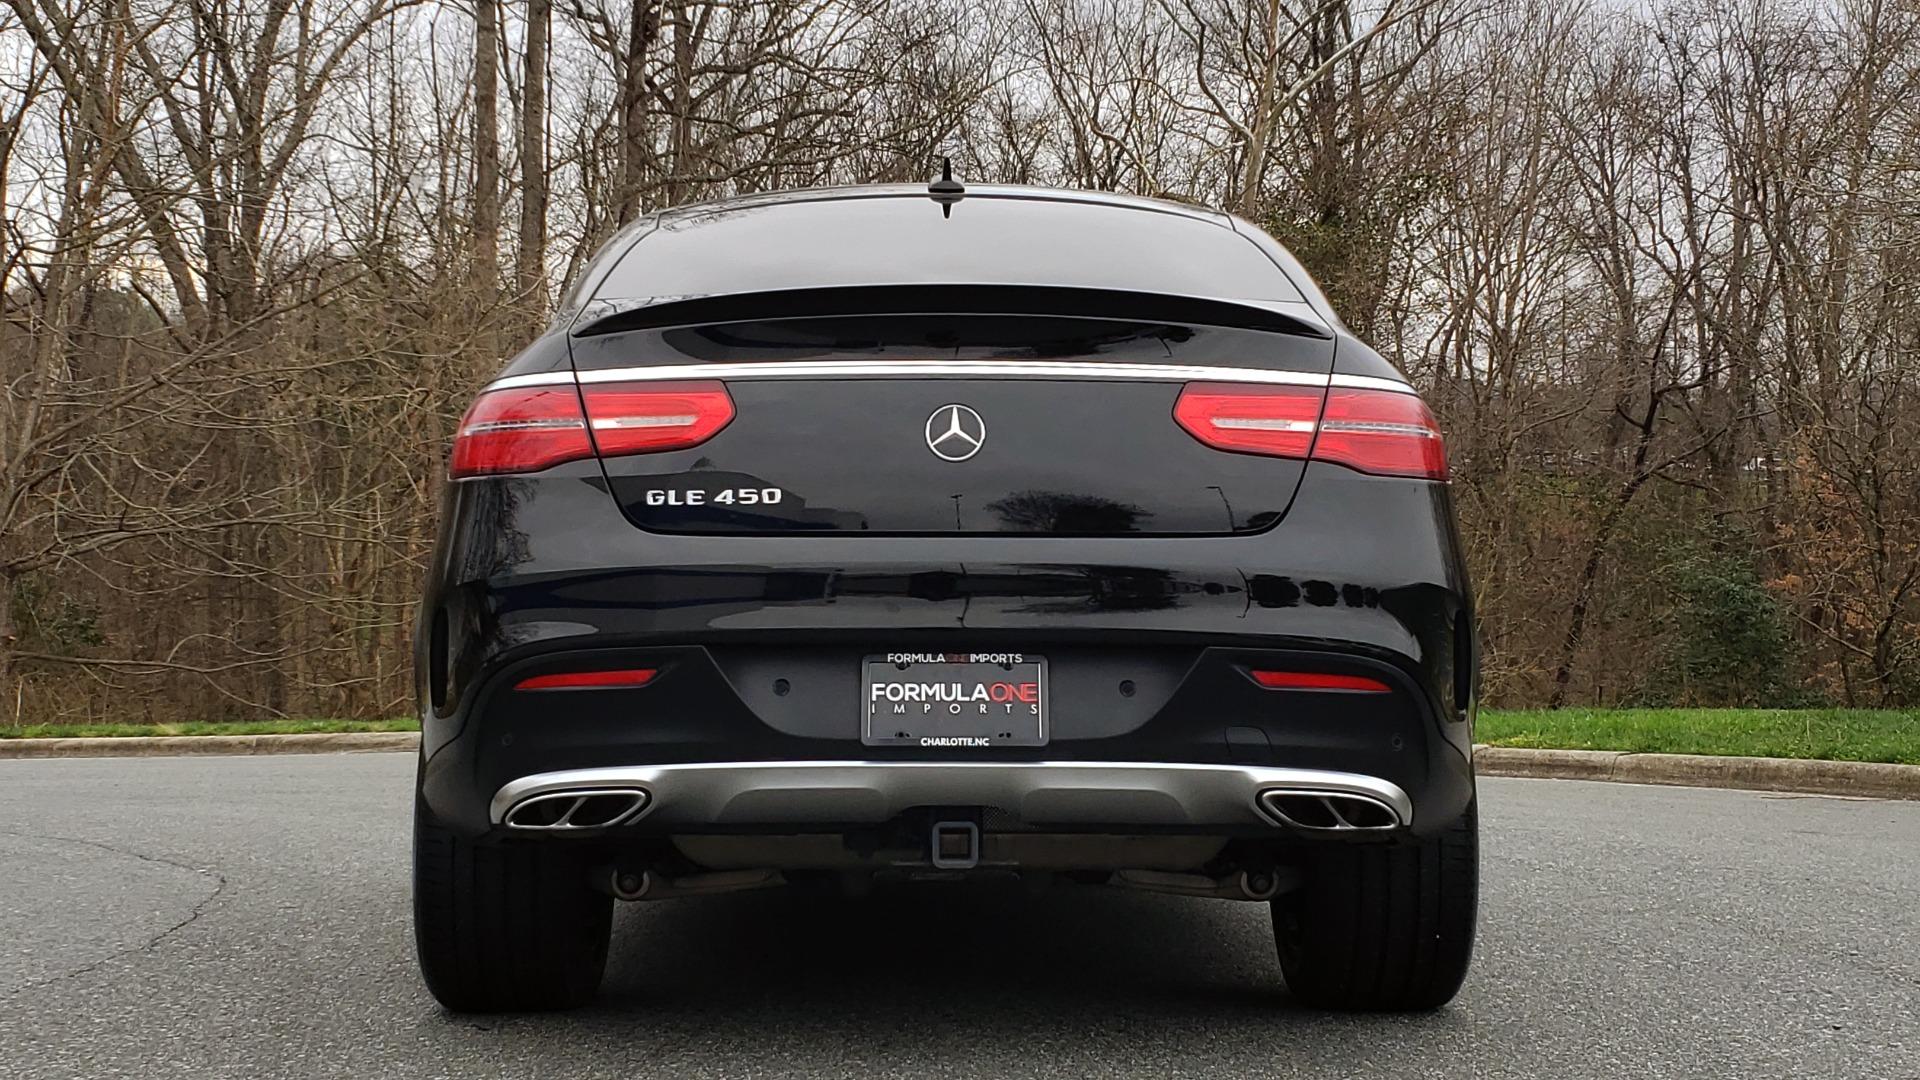 Used 2016 Mercedes-Benz GLE 450 AMG / AWD / PREM PKG / PARK ASST / DRVR ASST / SUNROOF for sale Sold at Formula Imports in Charlotte NC 28227 31